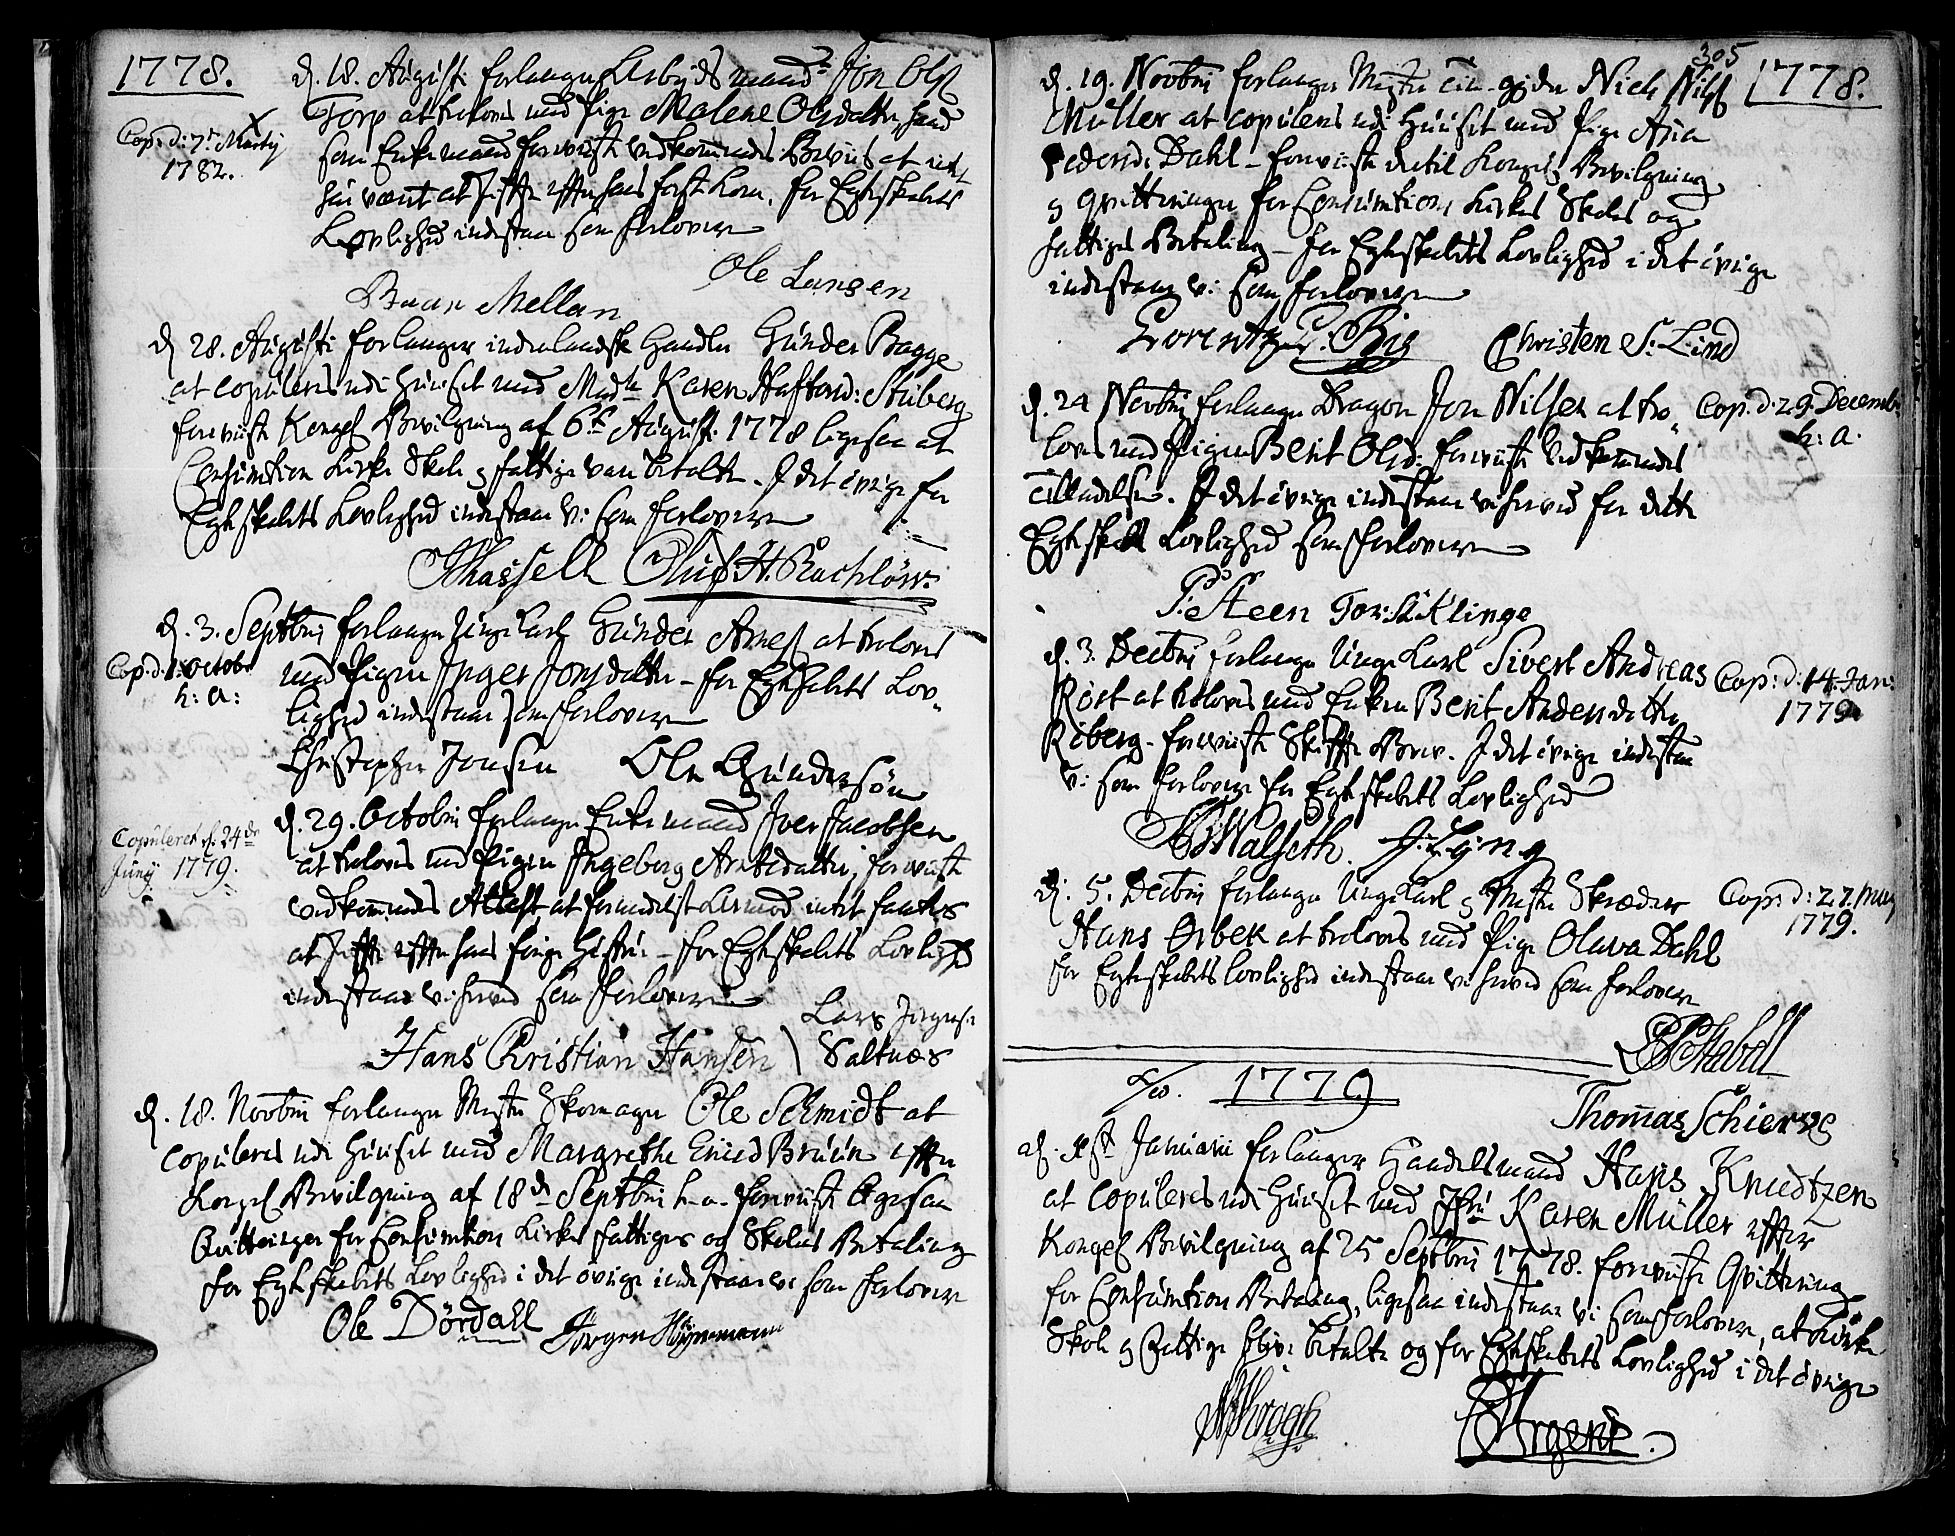 SAT, Ministerialprotokoller, klokkerbøker og fødselsregistre - Sør-Trøndelag, 601/L0038: Ministerialbok nr. 601A06, 1766-1877, s. 305